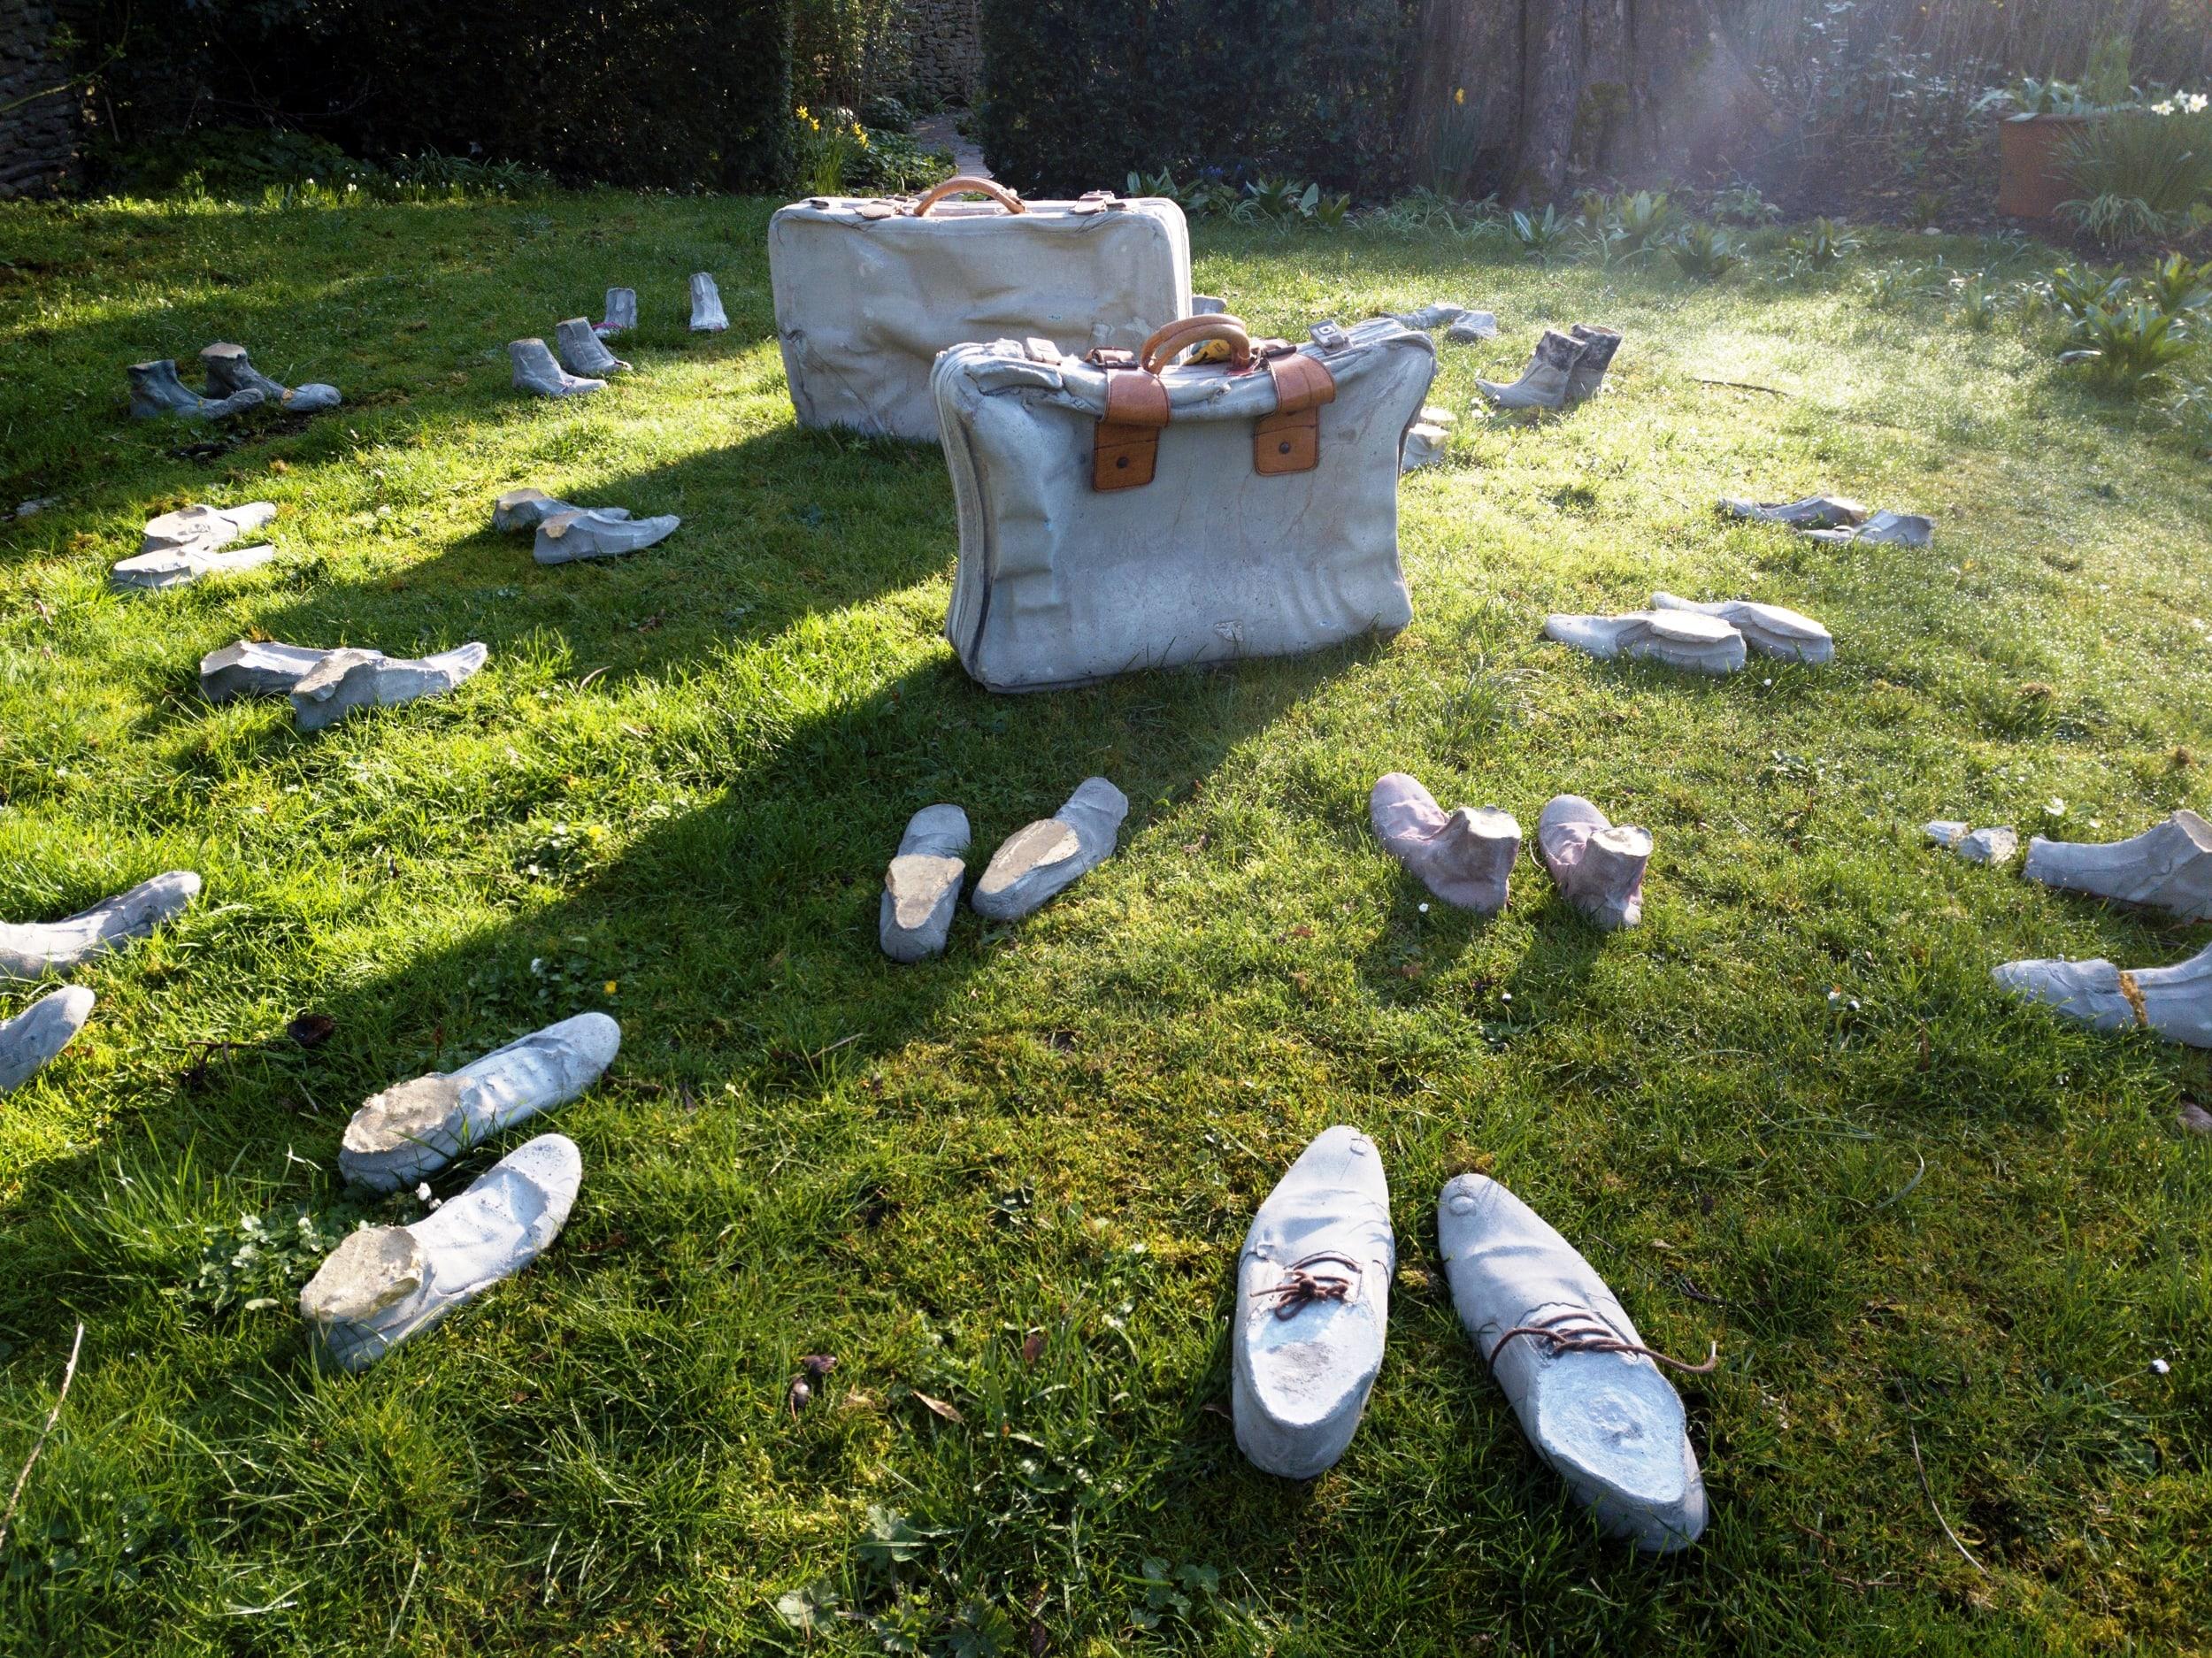 Trip to Fresh Air Sculpture Show